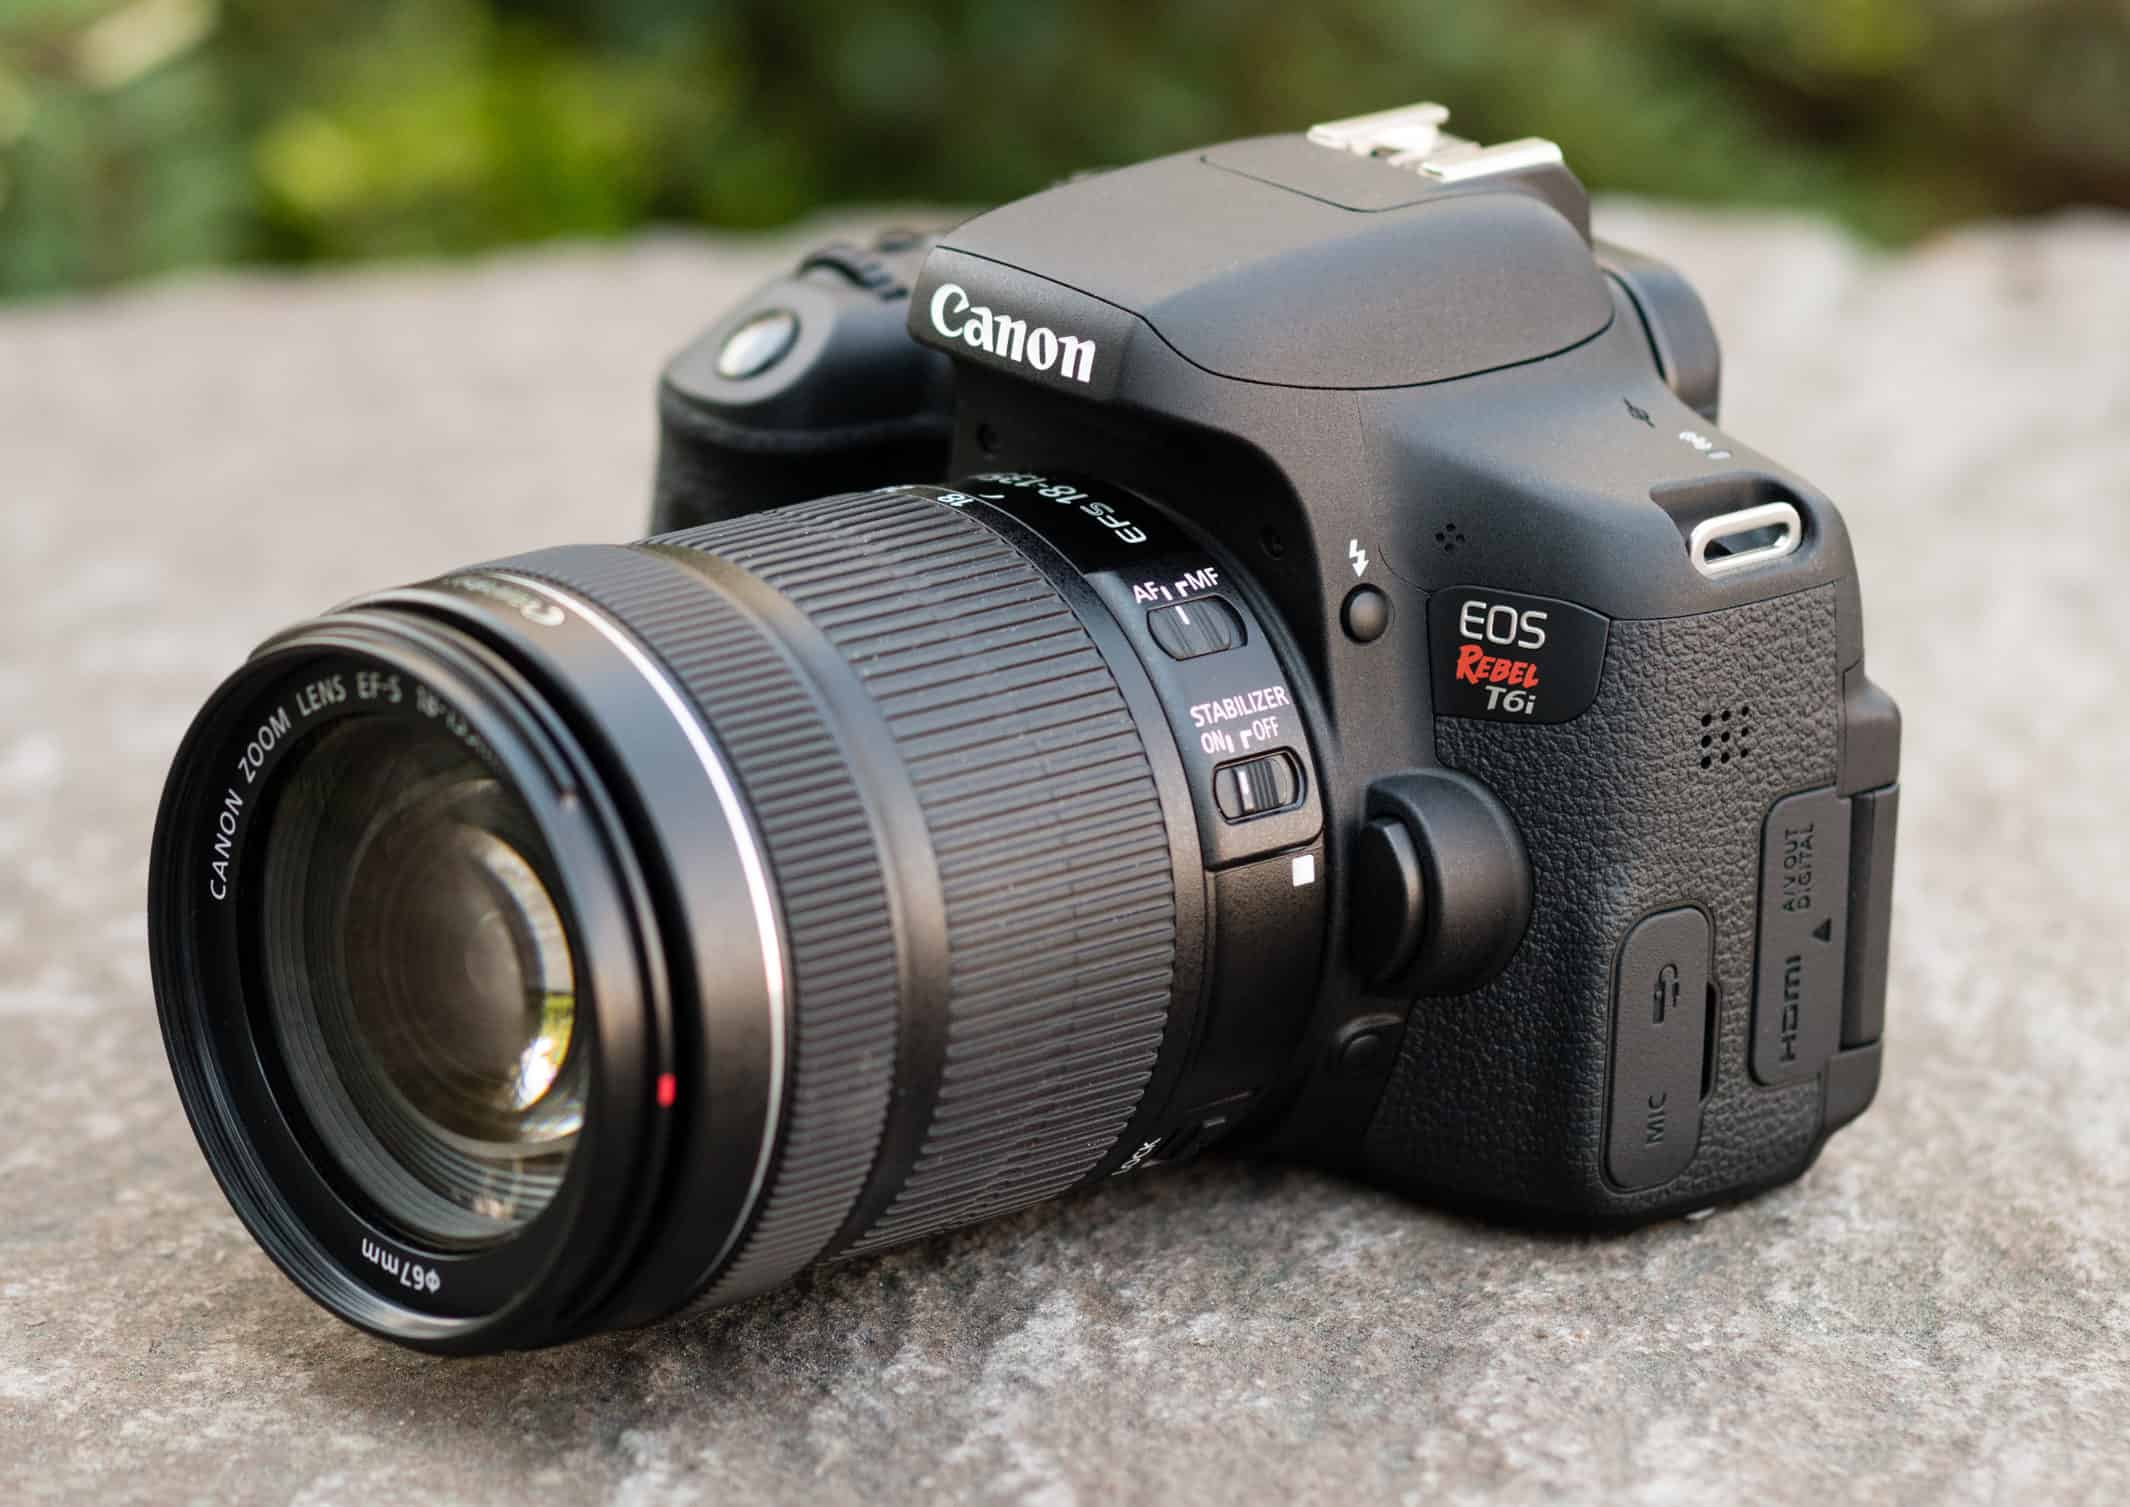 Canon EOS Rebel T6i-750D amateur camera